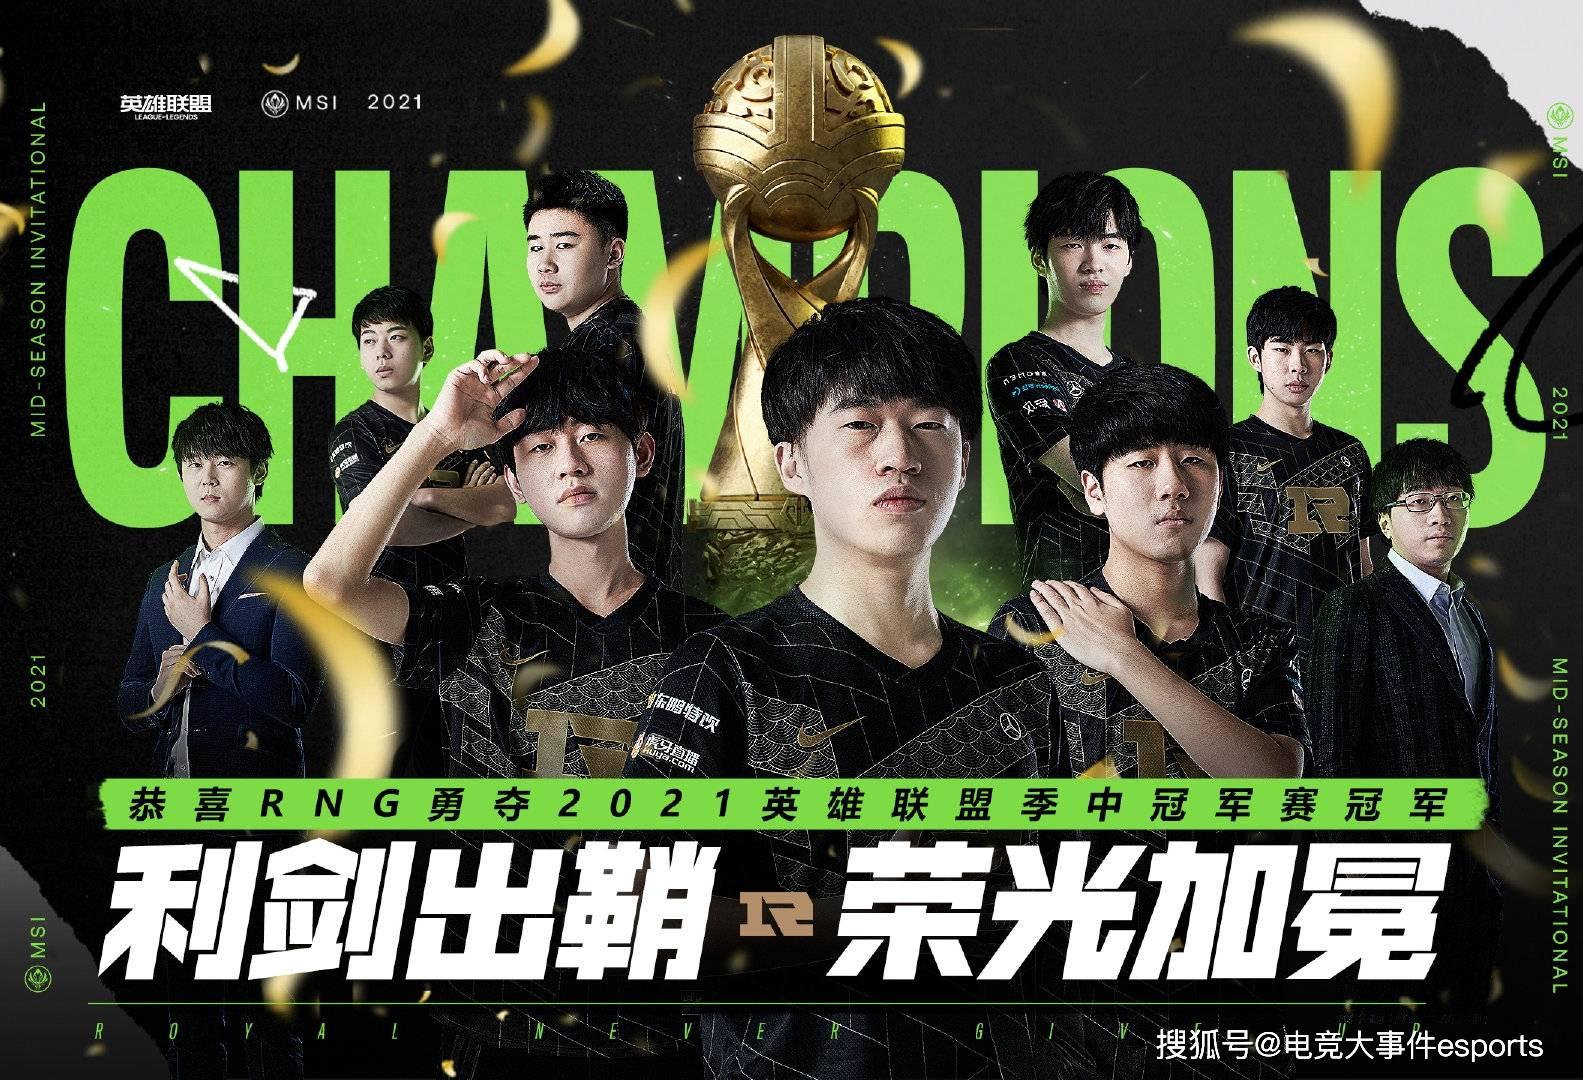 原创韩国网友热议RNG夺冠:24小时内打10把比赛,赛程被搞得乱七八糟